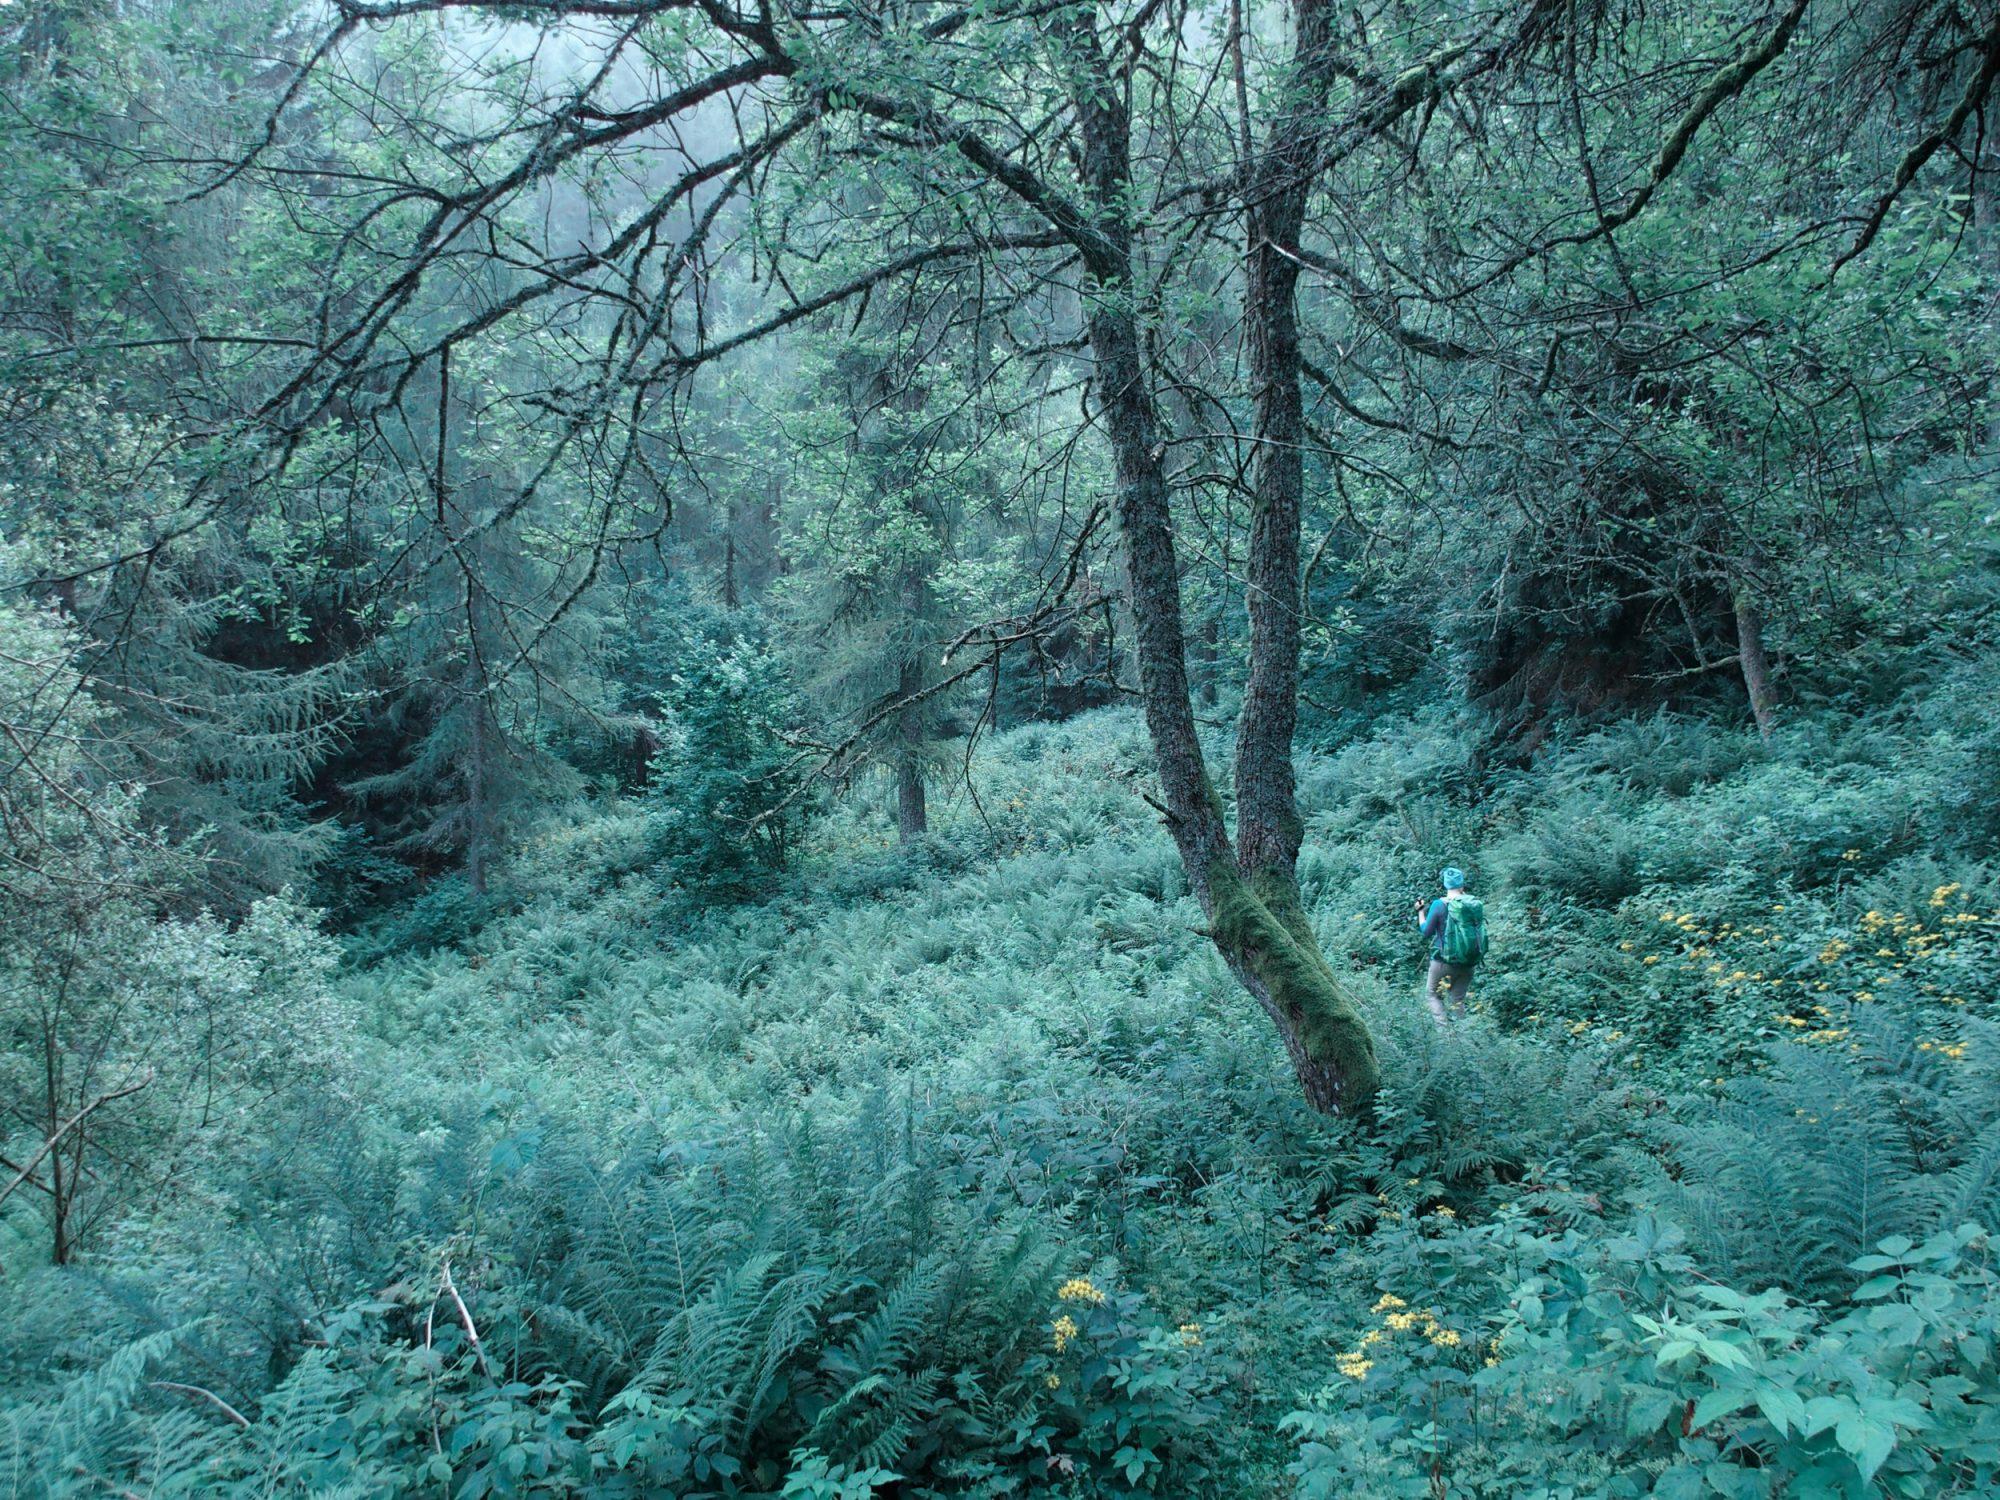 Im Waldschungel, Alpenüberquerung Traumpfad Venedig-München Weitwanderung